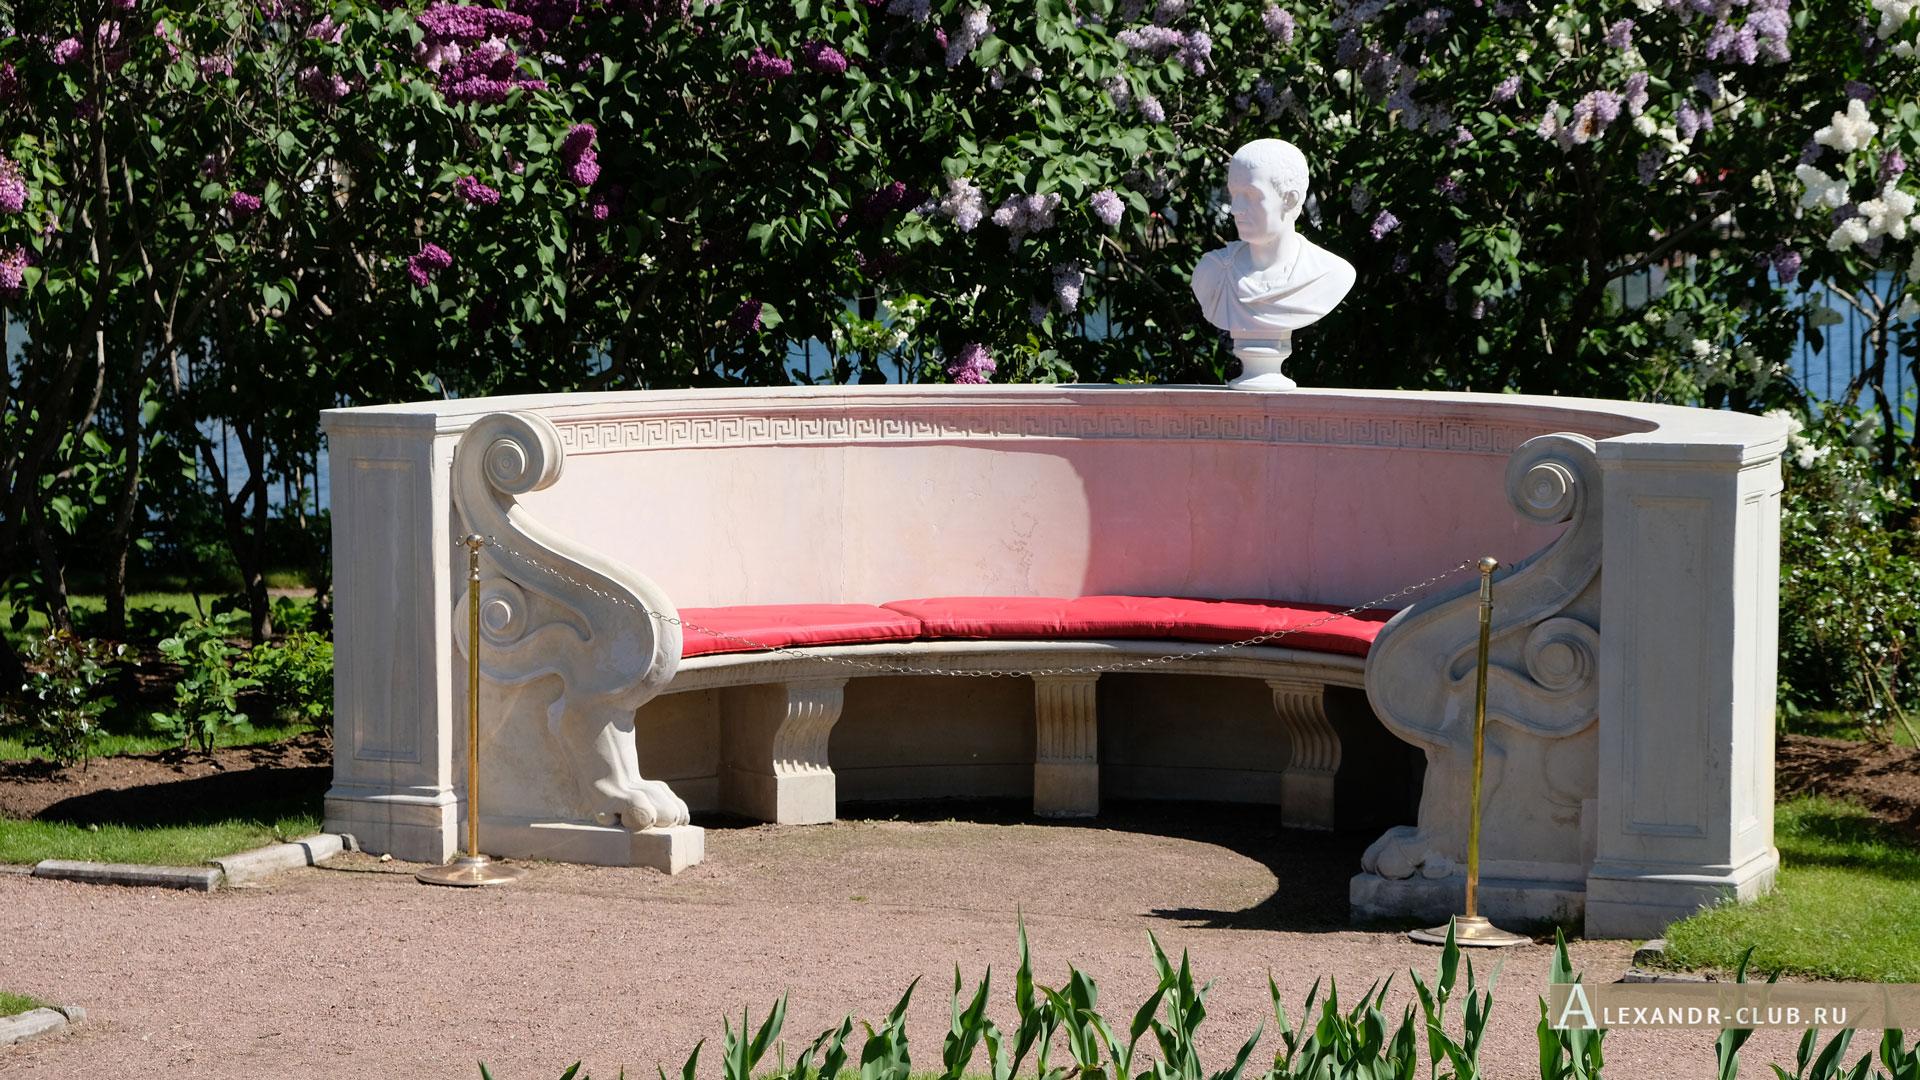 Петергоф, Колонистский парк, лето, Царицын павильон, сад, Мраморная скамья